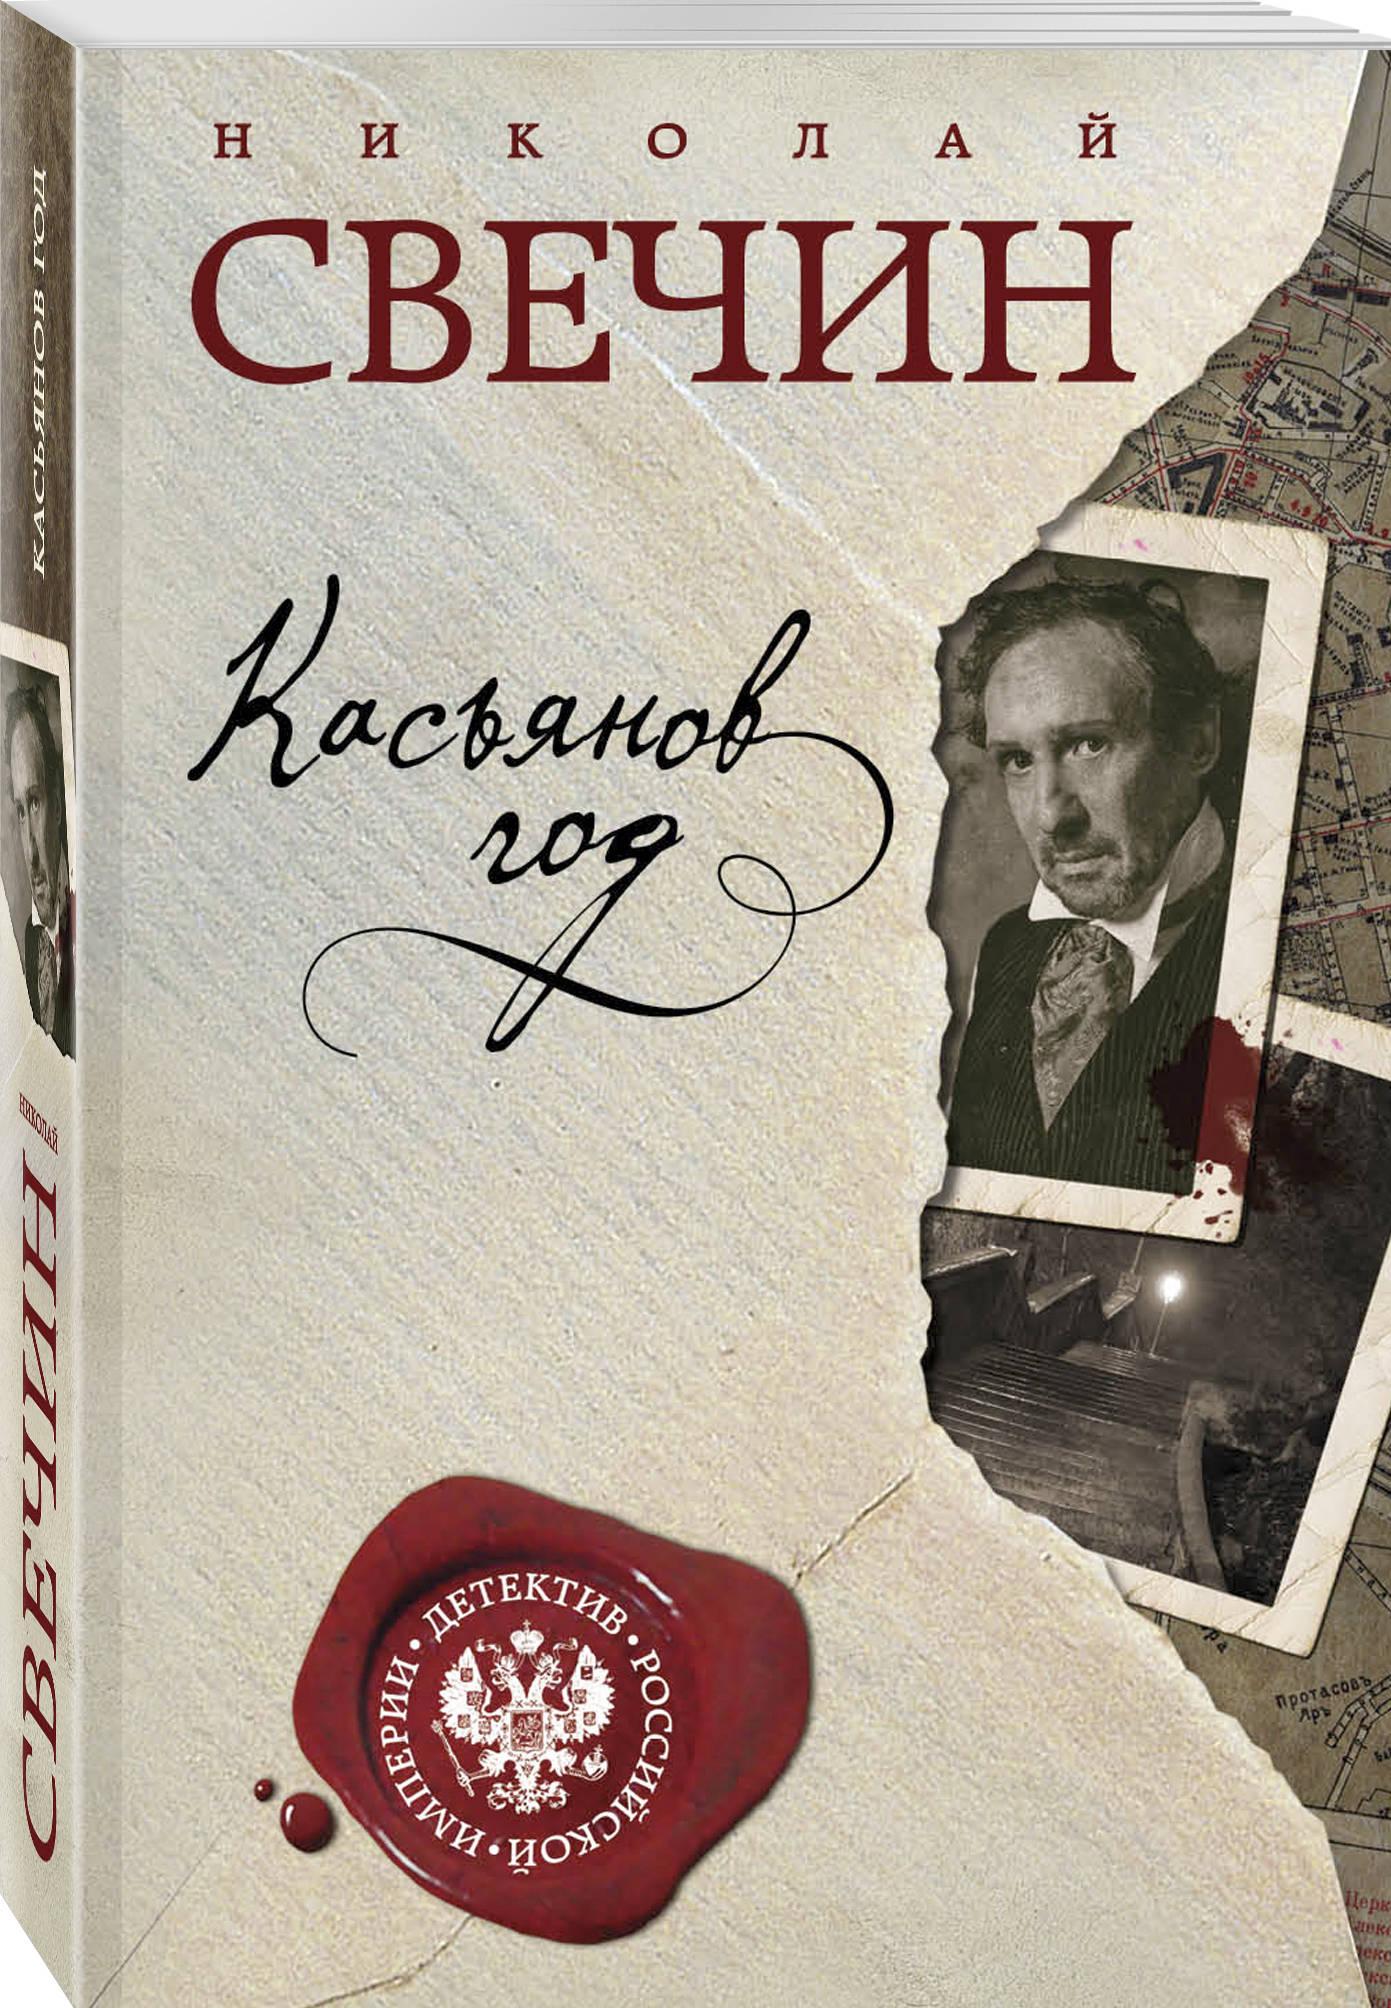 Николай Свечин Касьянов год